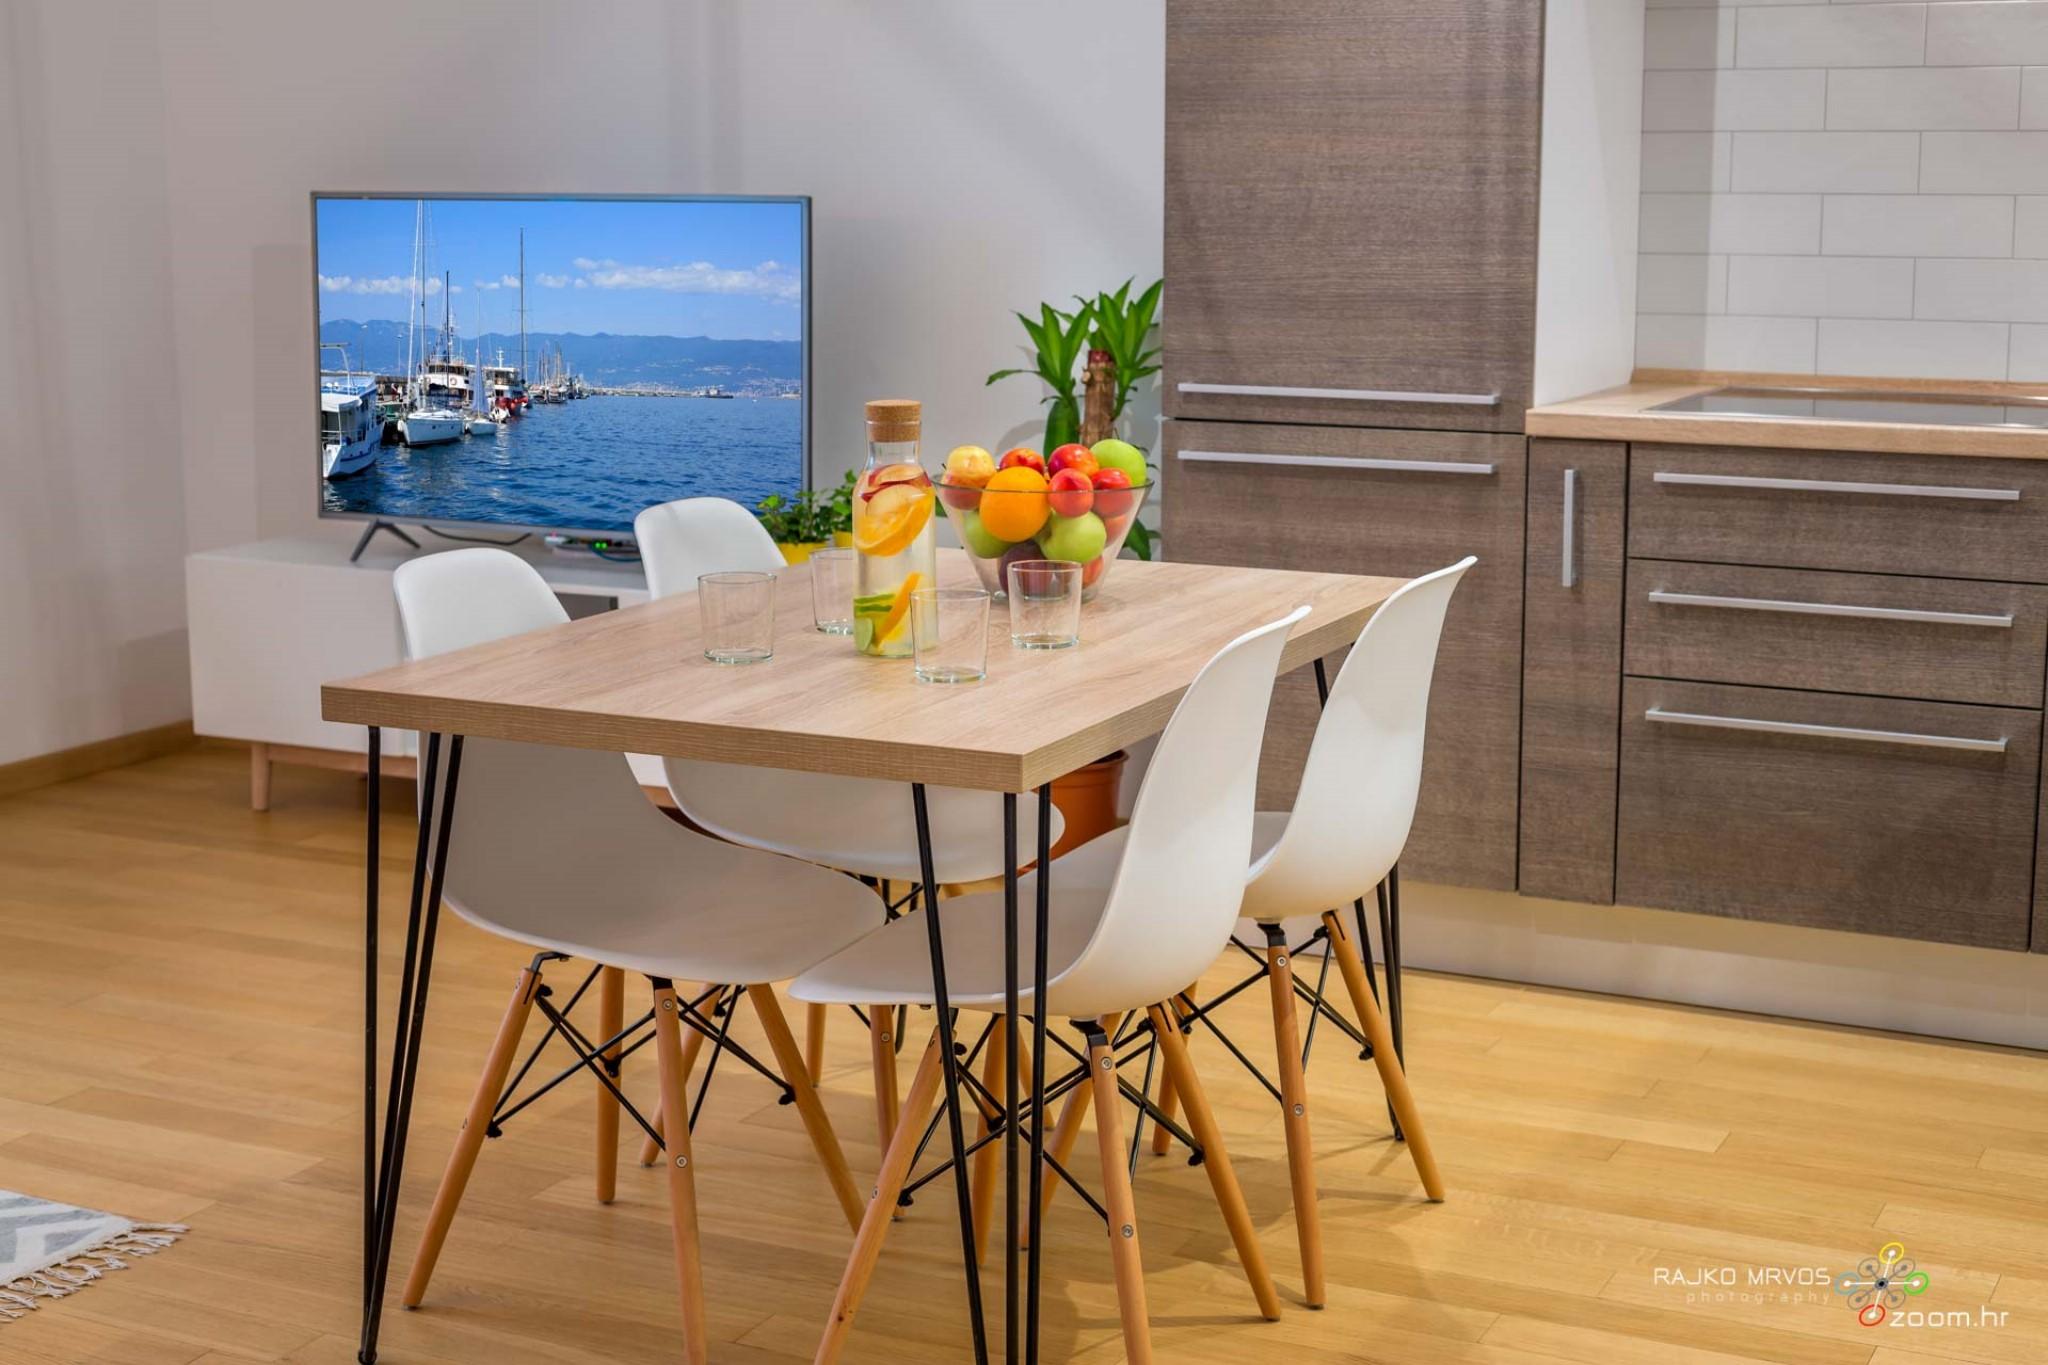 fotograf-interijera-fotograf-eksterijera-slikanje-apartmana-Central-Rijeka-Apartments-8